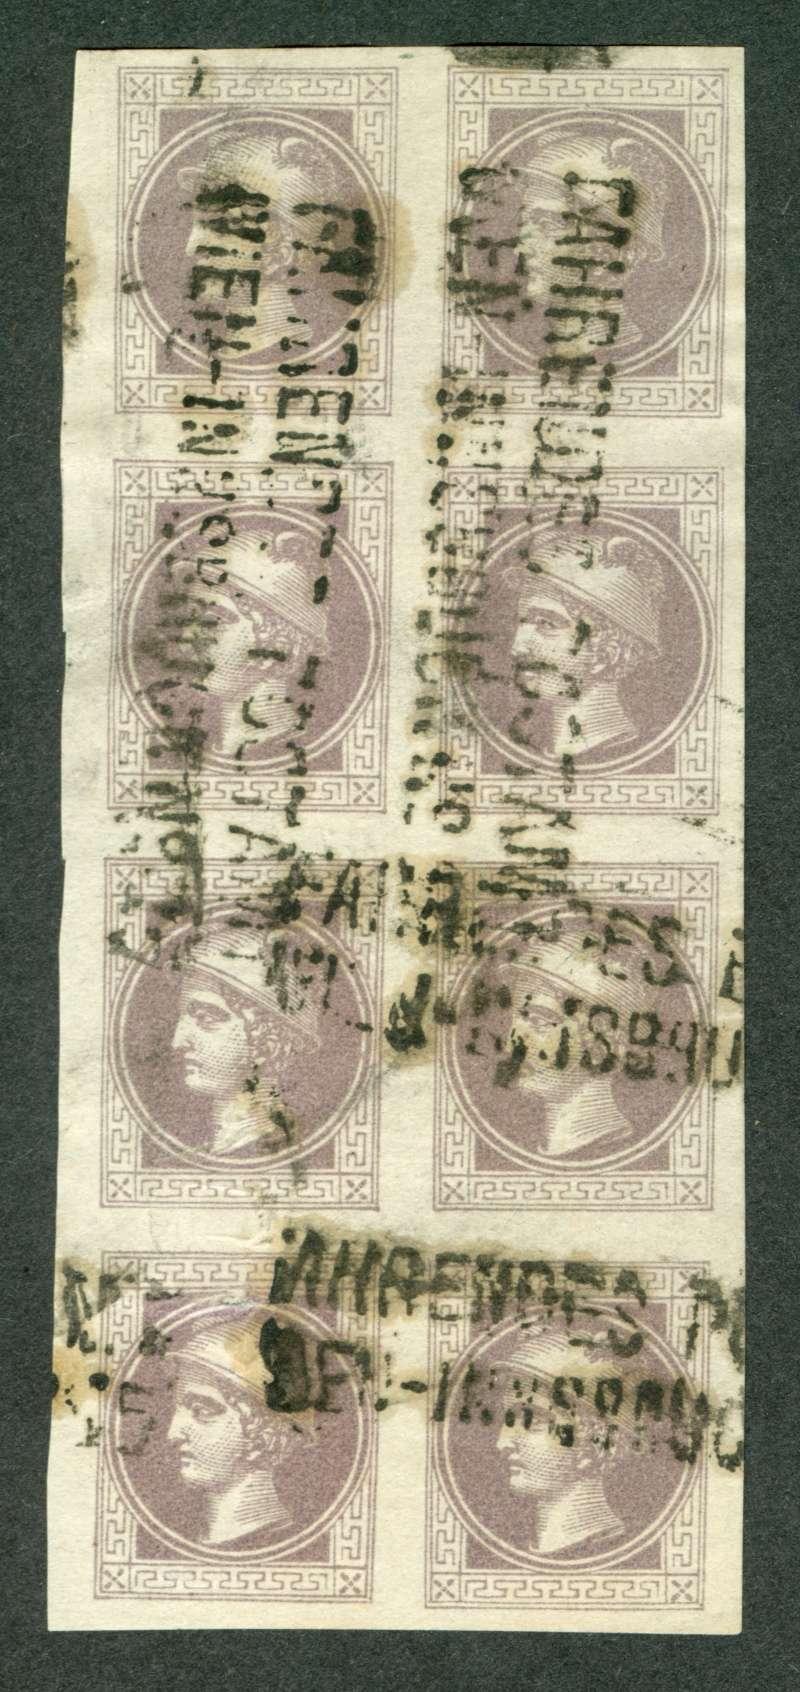 DIE ZEITUNGSMARKEN AUSGABE 1867 Zeitun11